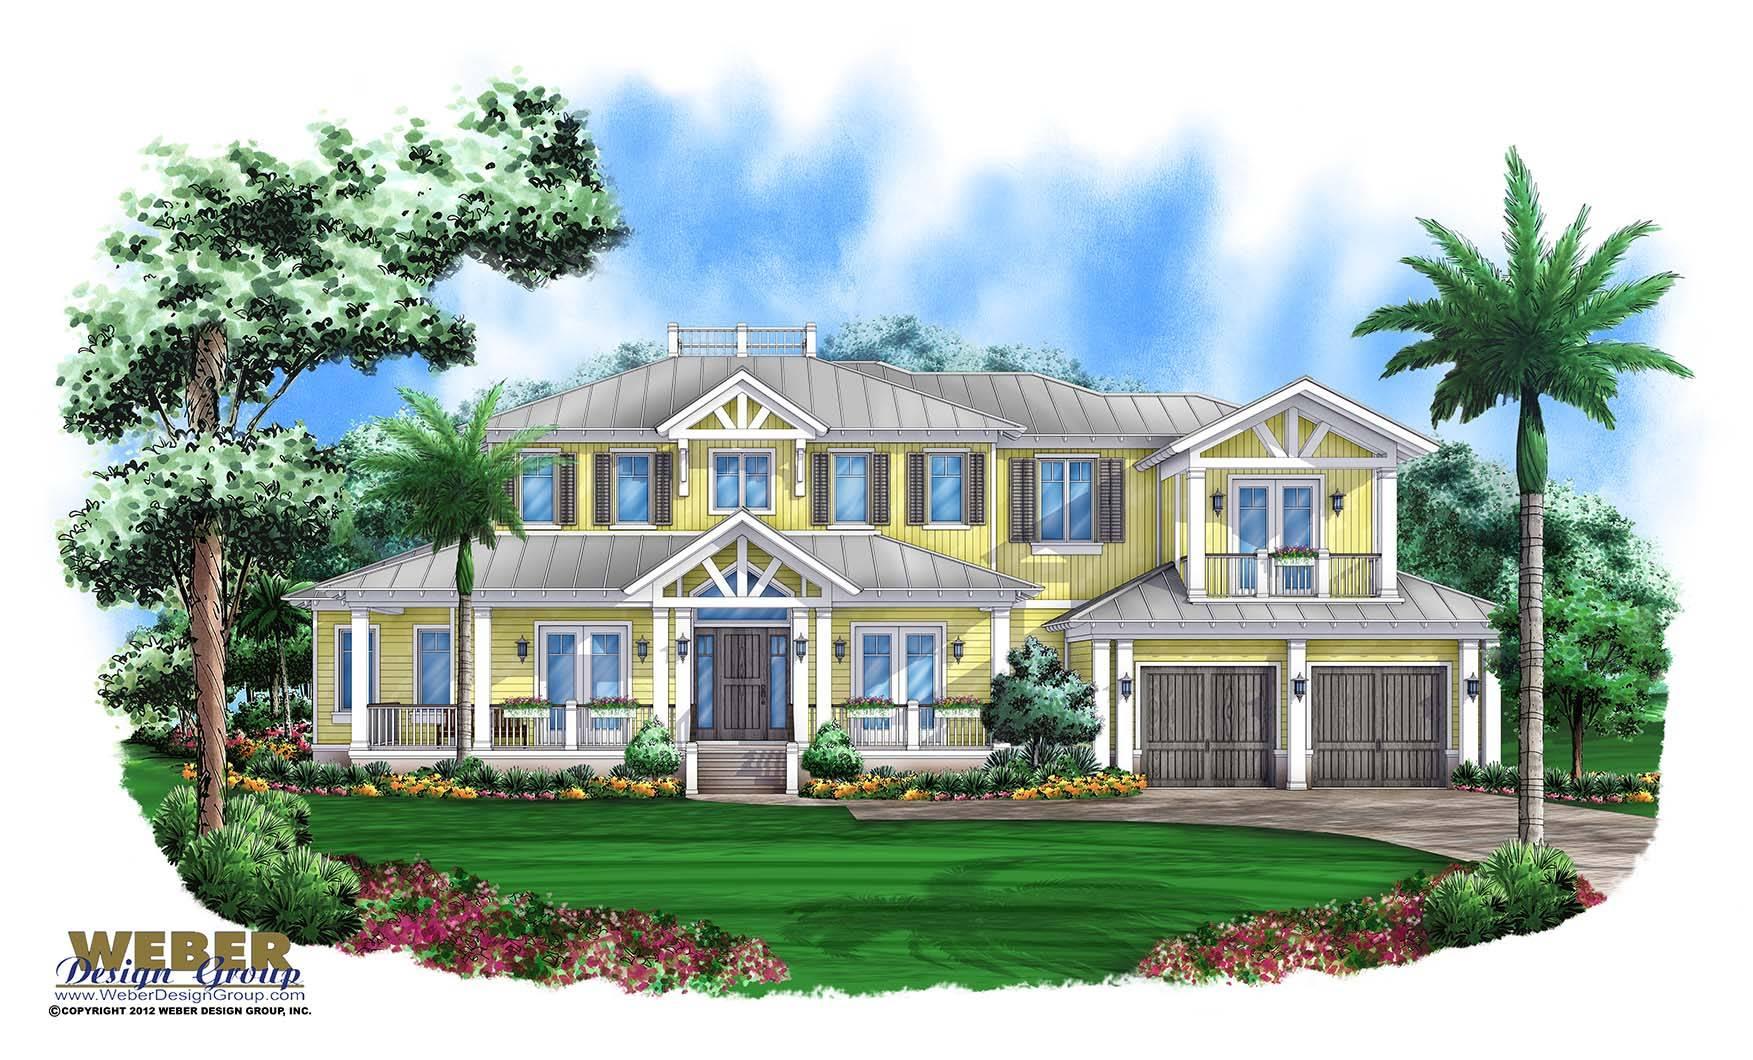 Key West House Plans Elevated Coastal Style Architecture House Plans 132938,3500 Sq Ft House Plans 1 Story